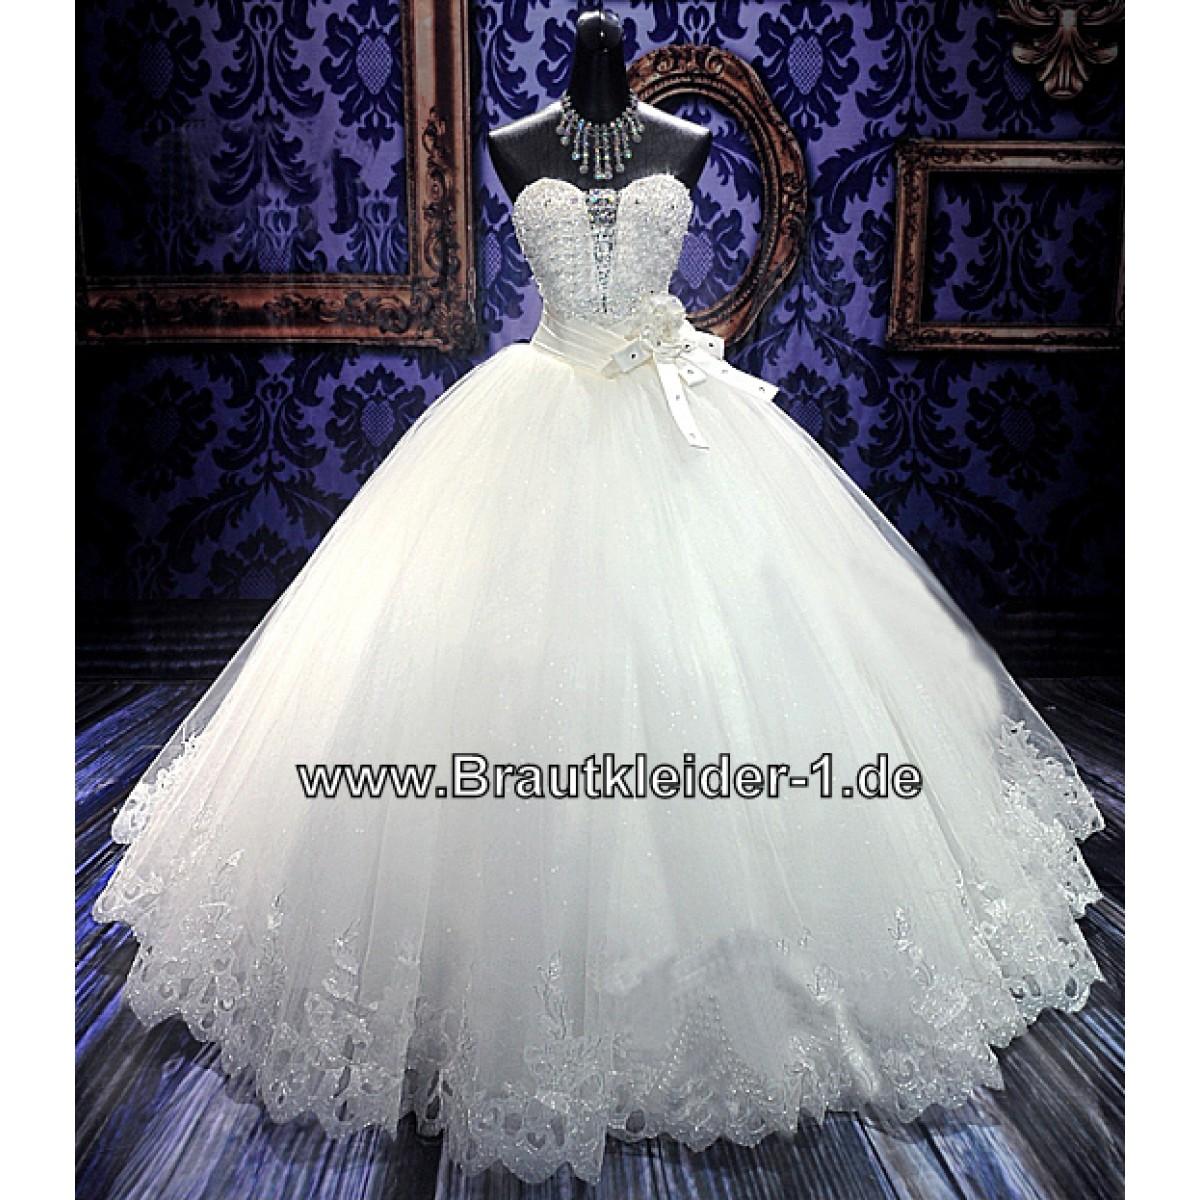 Brautkleider Brautmode auf Rechnung: Brautkleider ...